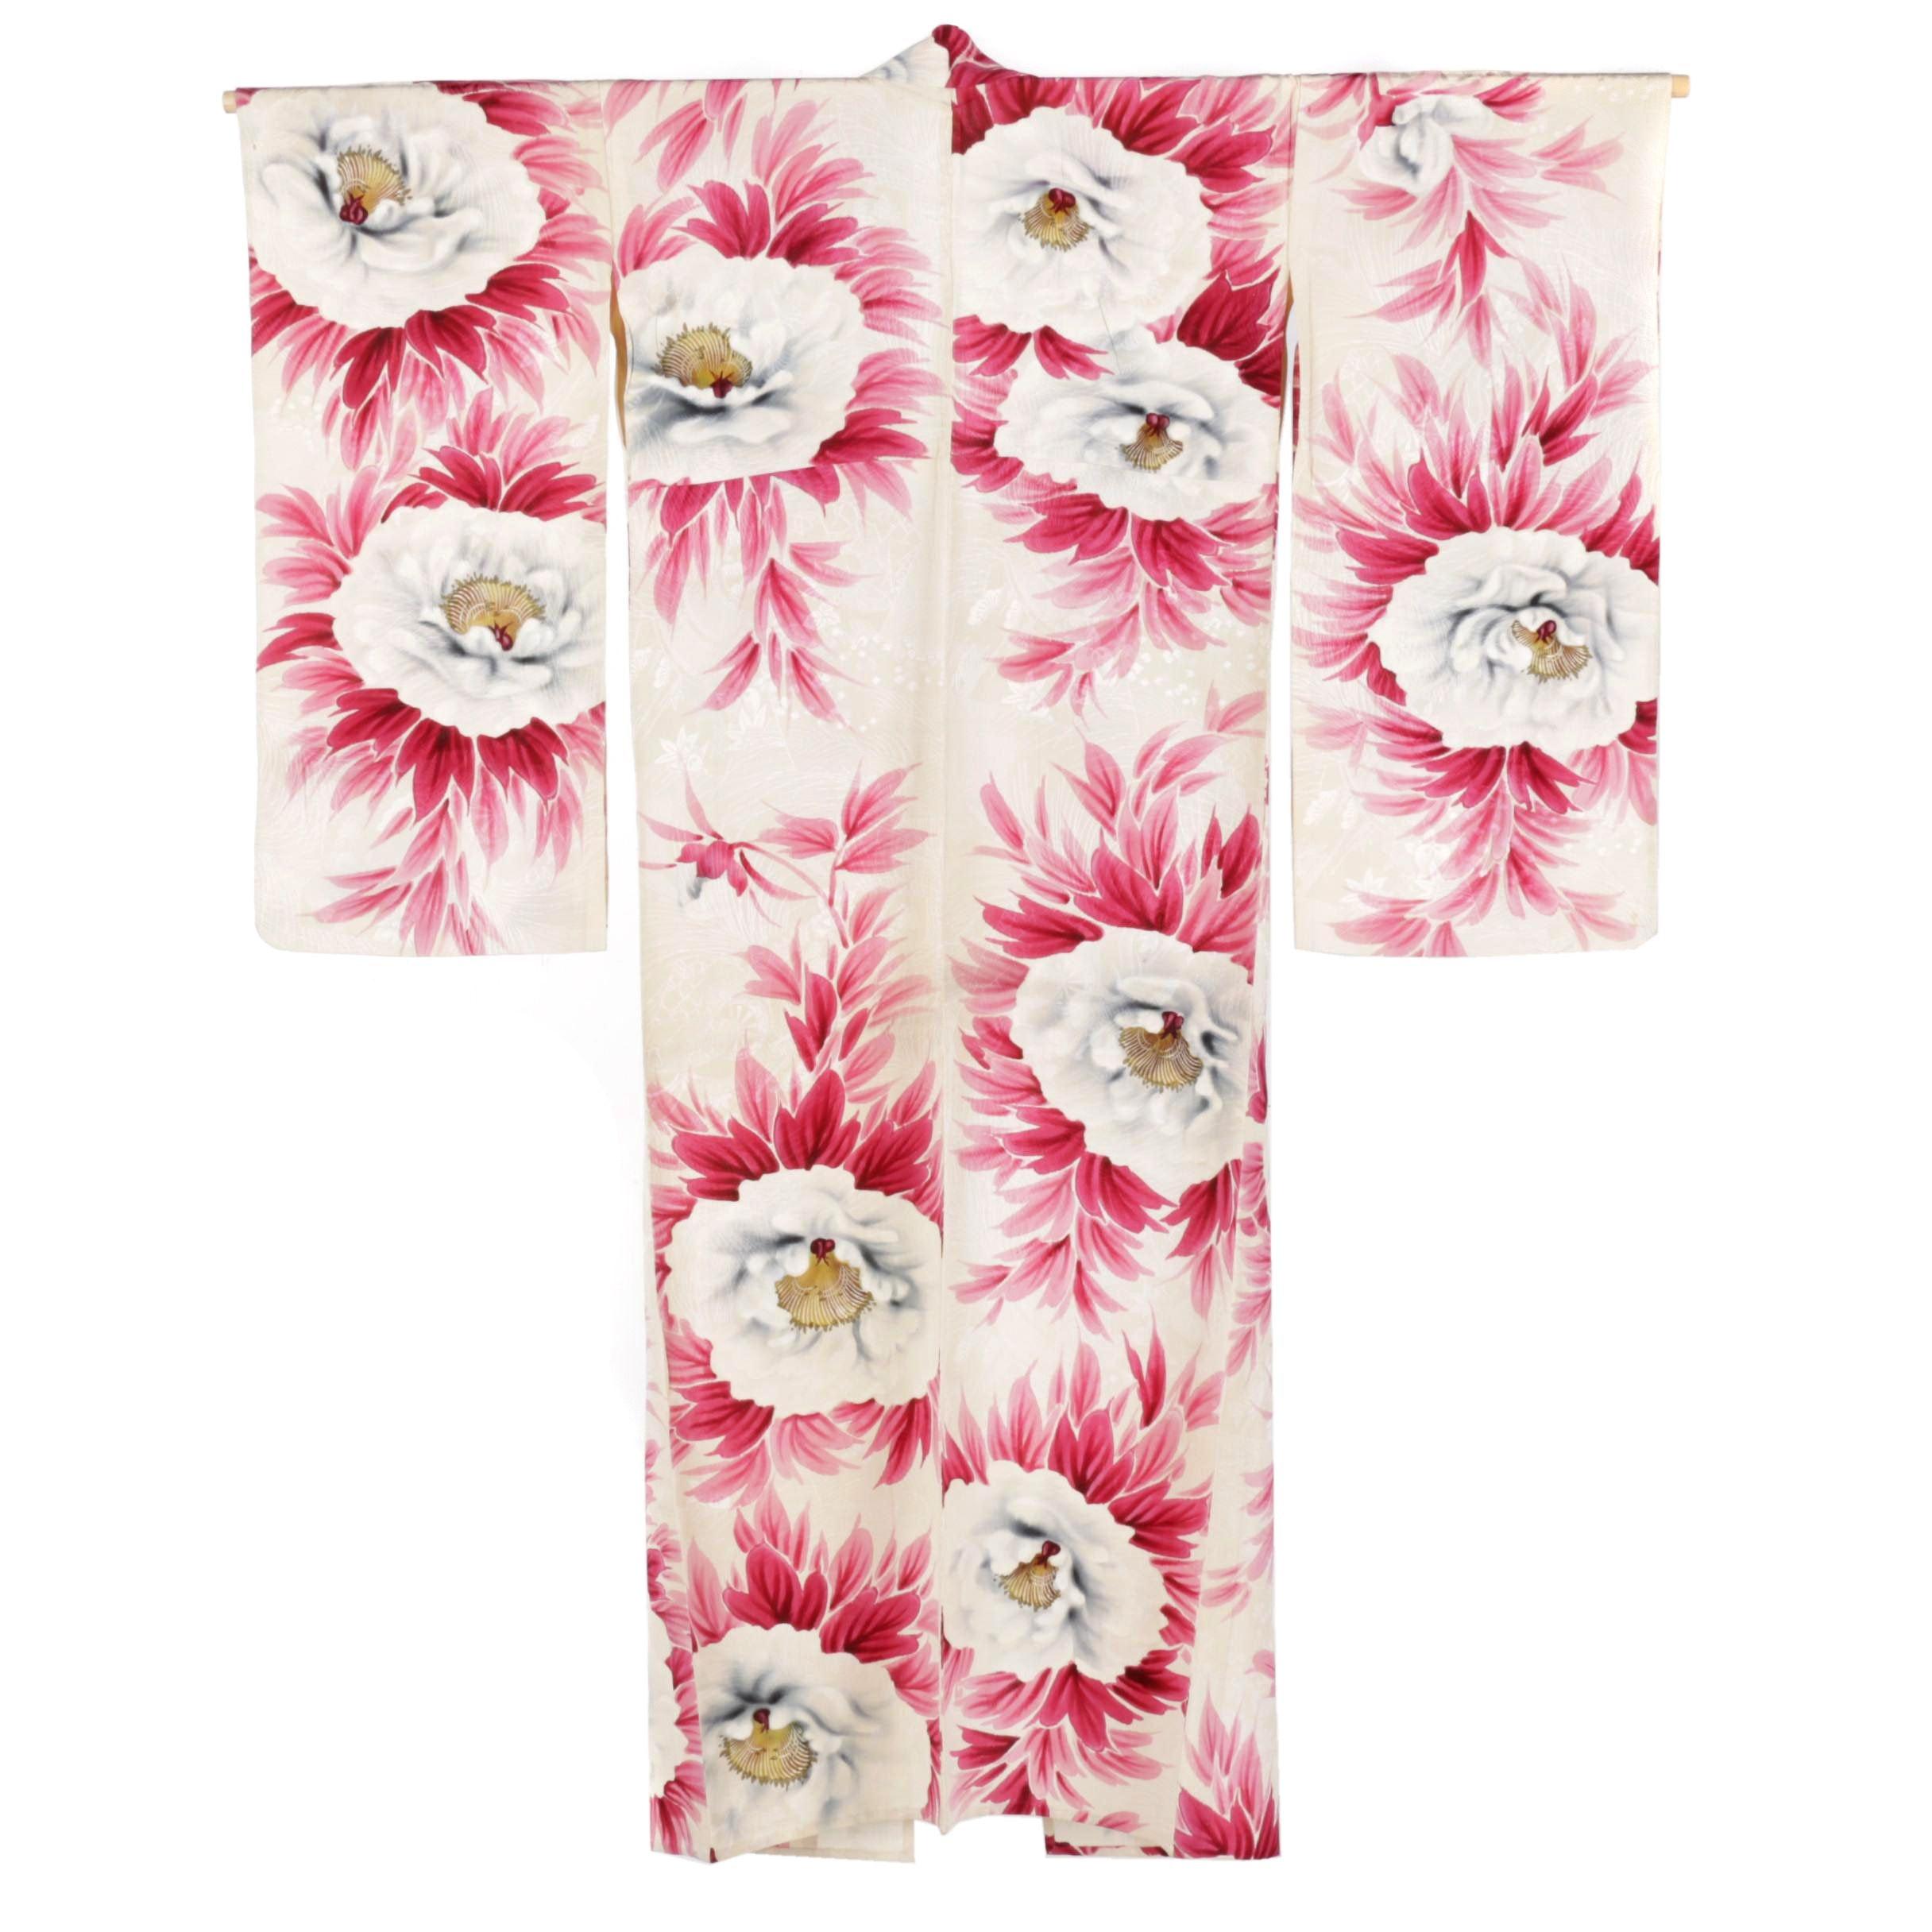 Circa 1920s Vintage Hand Silk Crepe Furisode Kimono